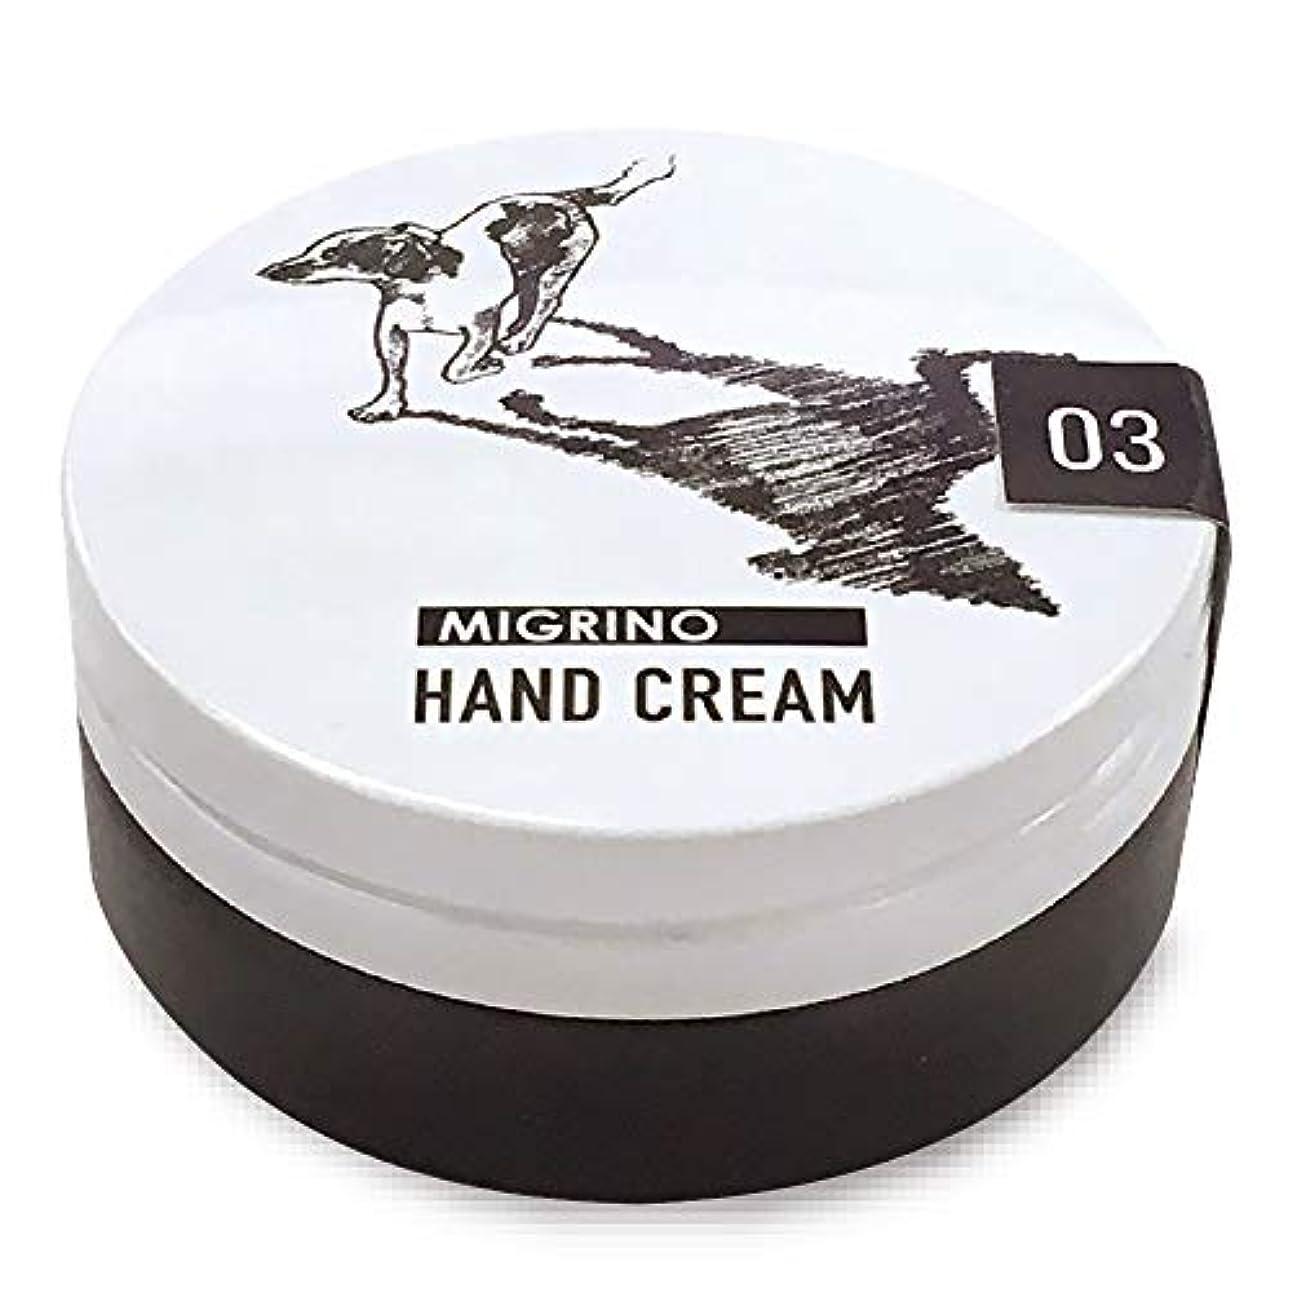 背景サイドボード食欲ノルコーポレーション ハンドクリーム パドロール 保湿成分配合 PAD-9-03 ベルガモットの香り 60g